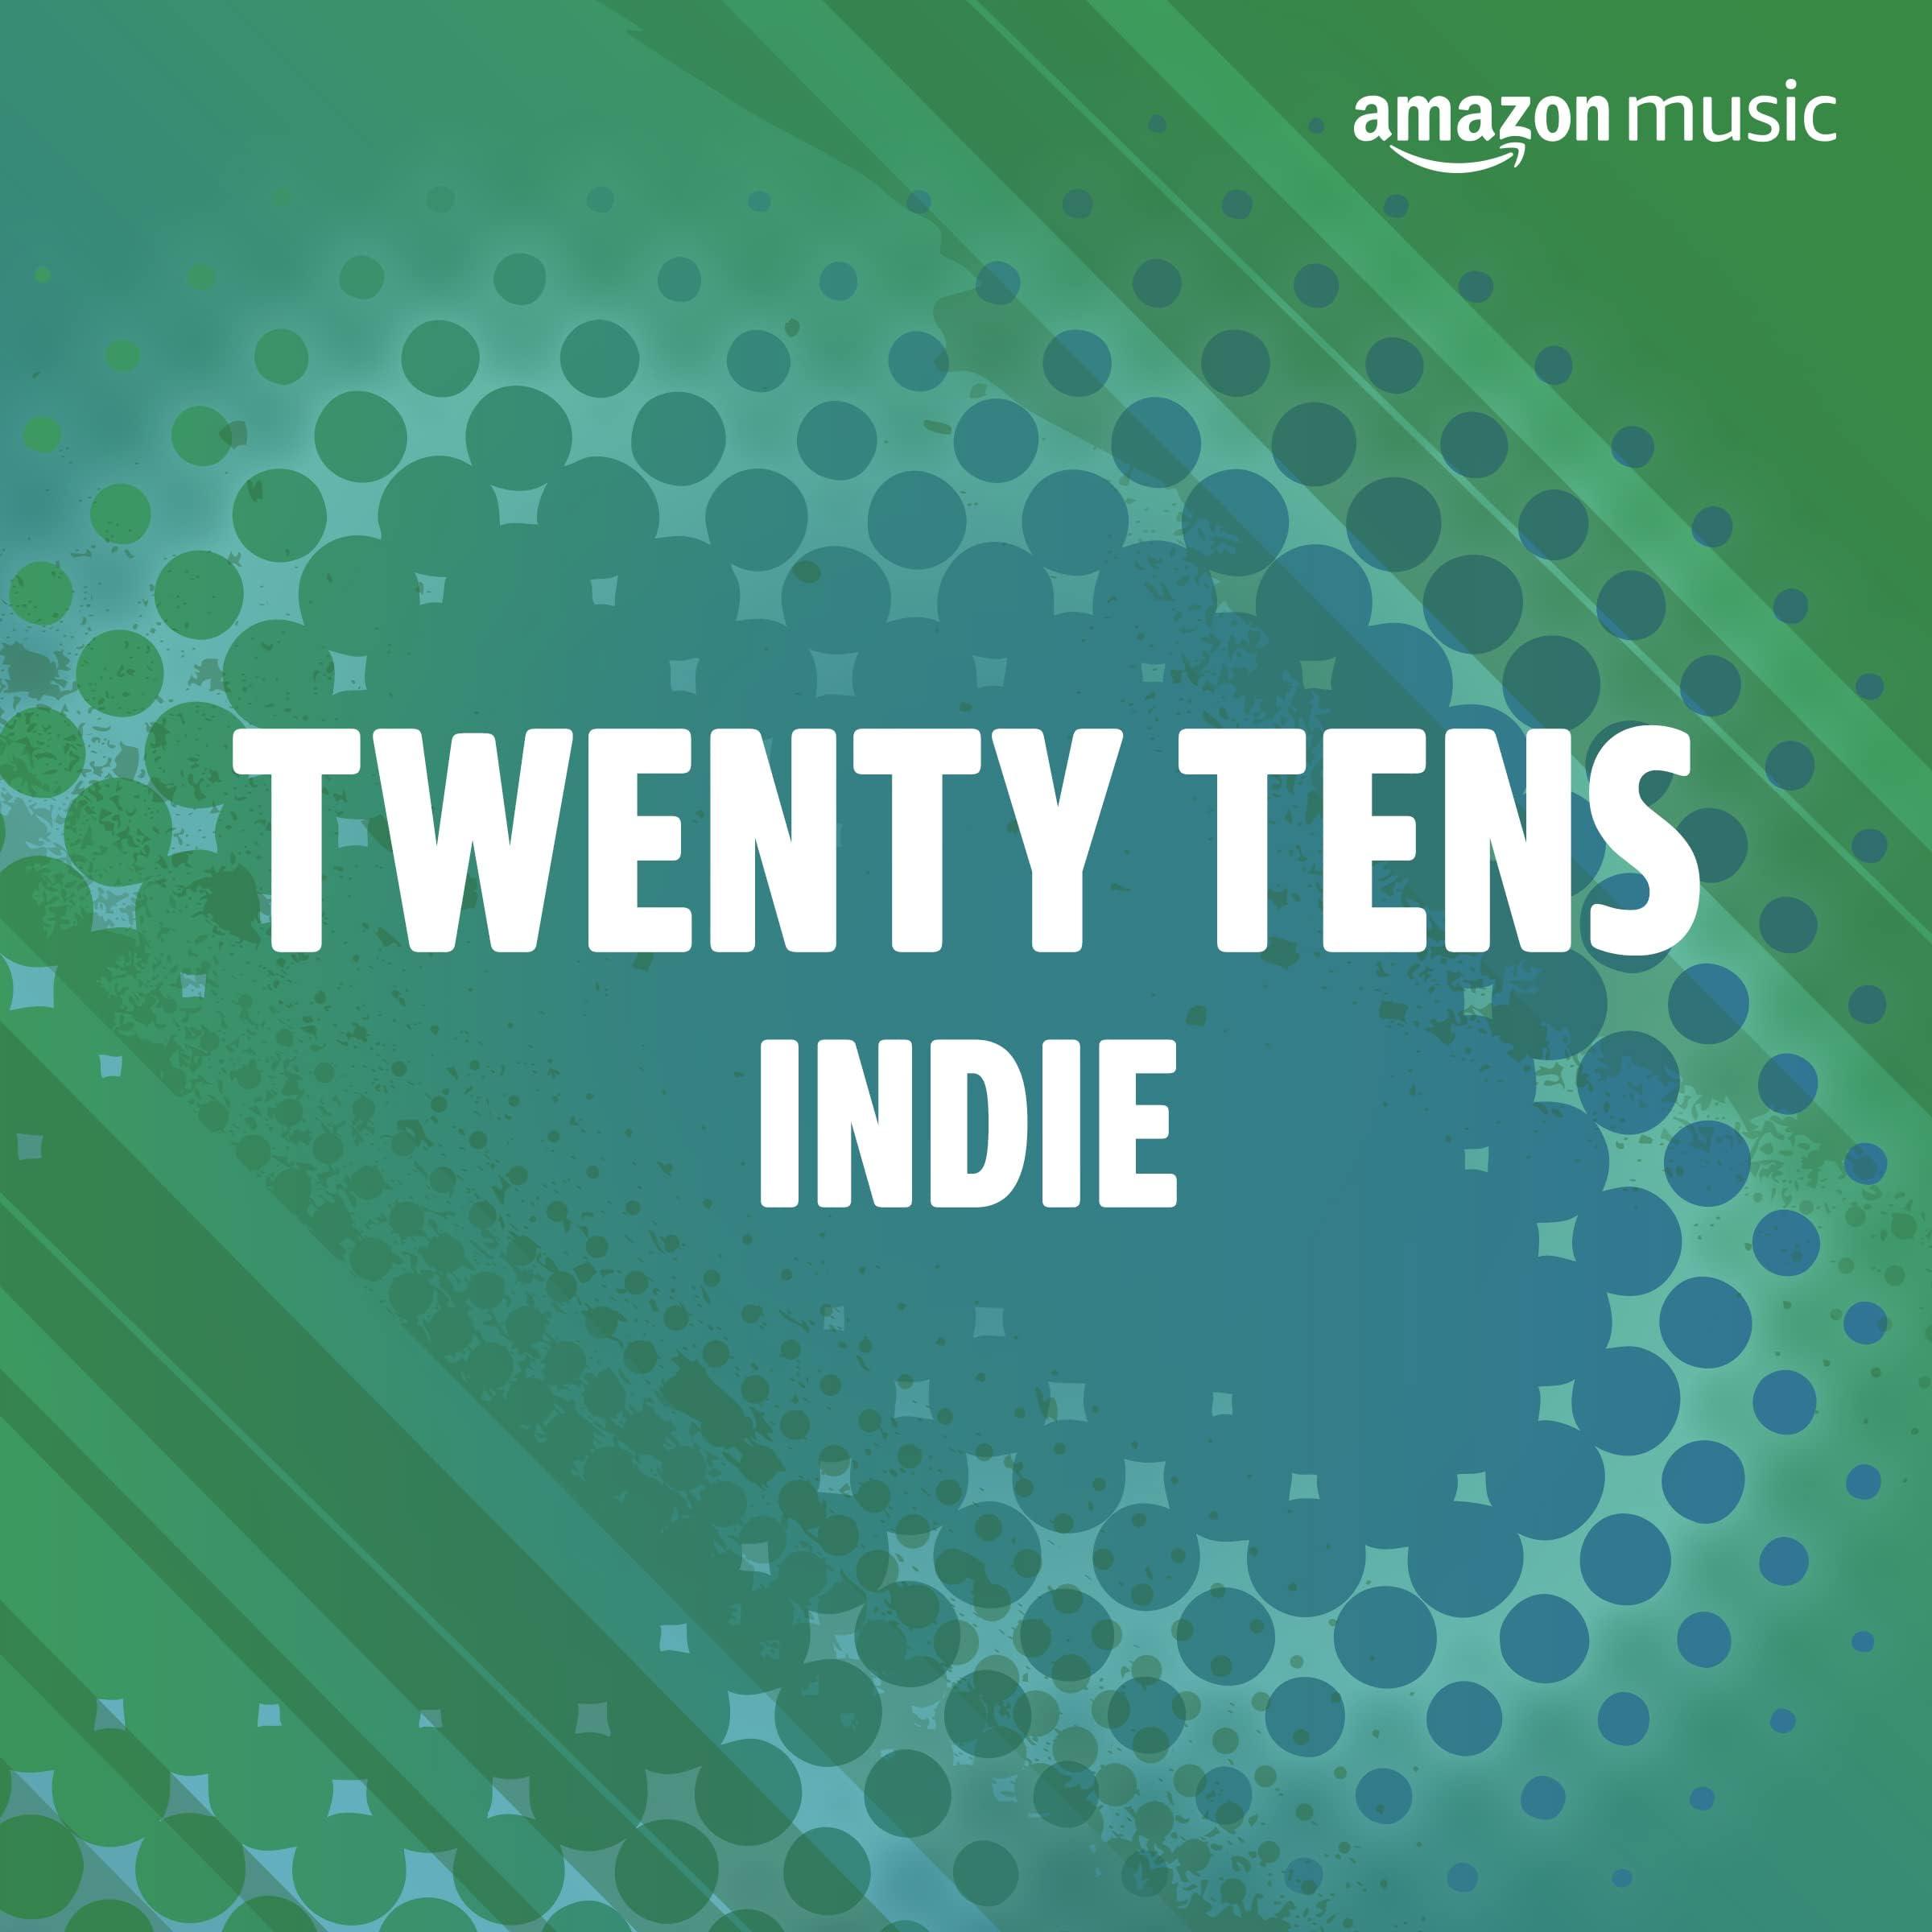 Twenty Tens Indie